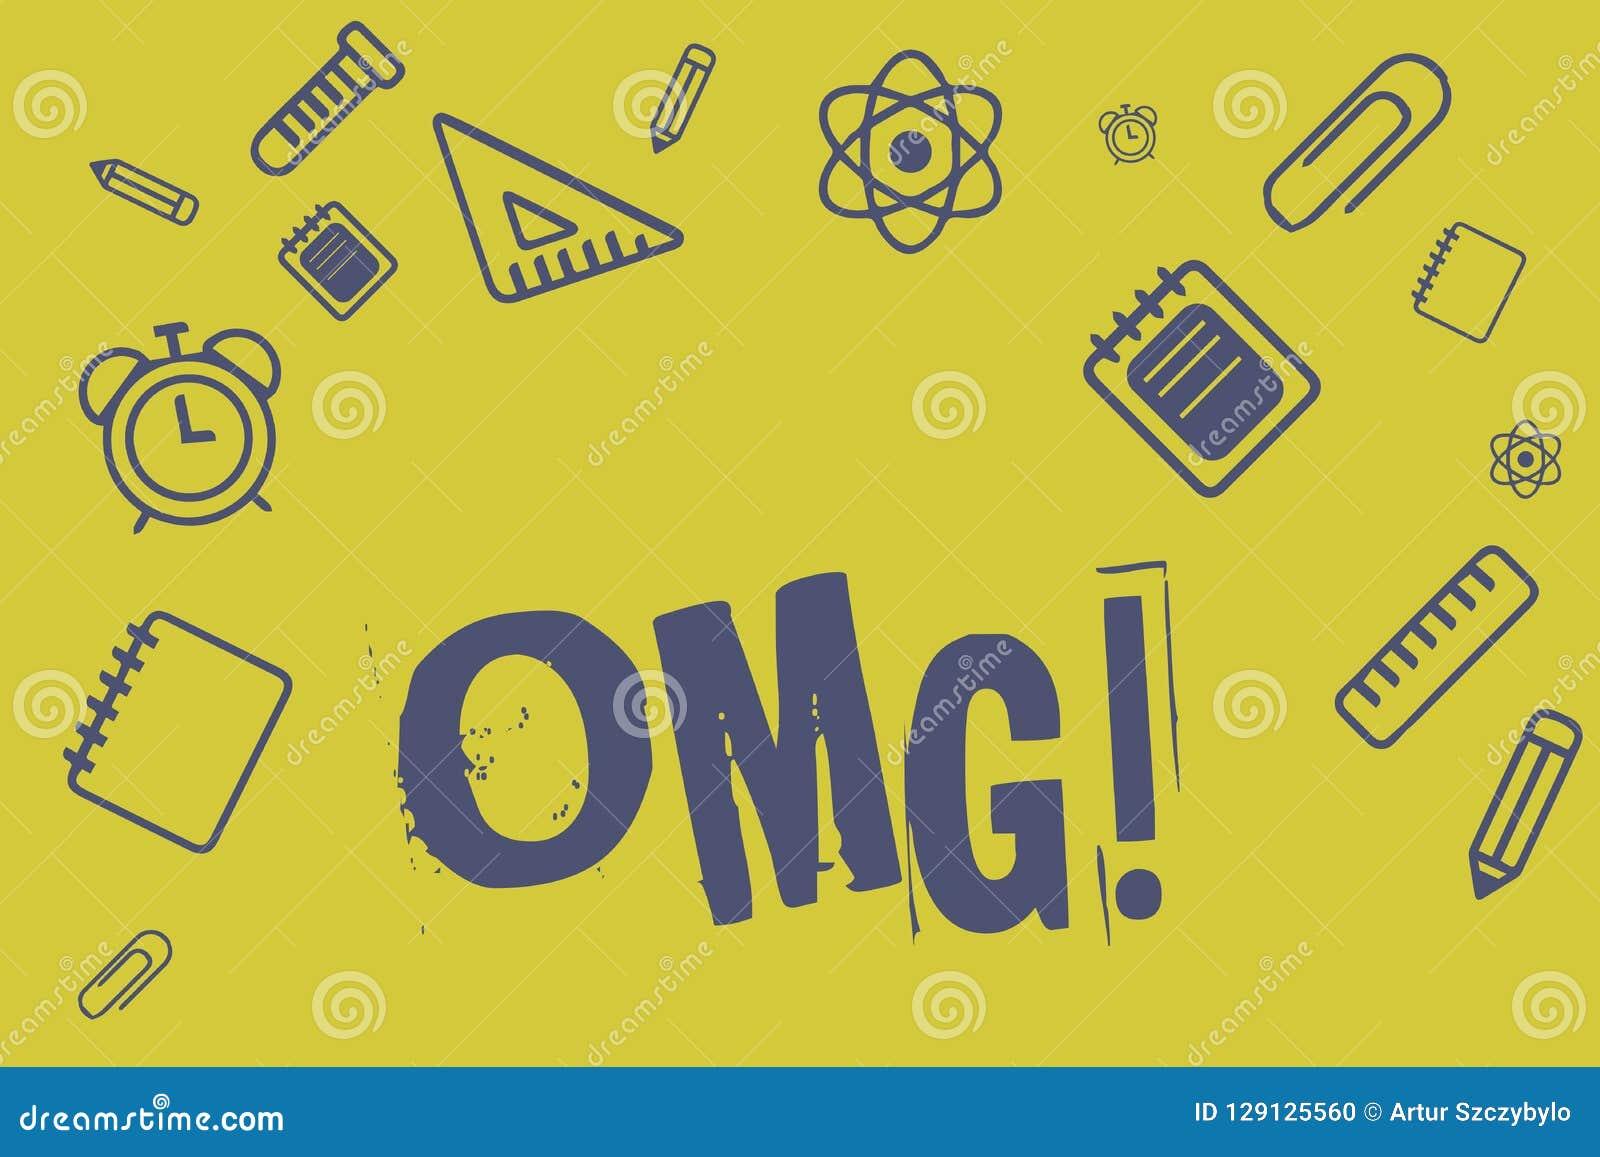 显示Omg的文字笔记 企业照片陈列用于表达震动兴奋怀疑SMS抄了近路表示